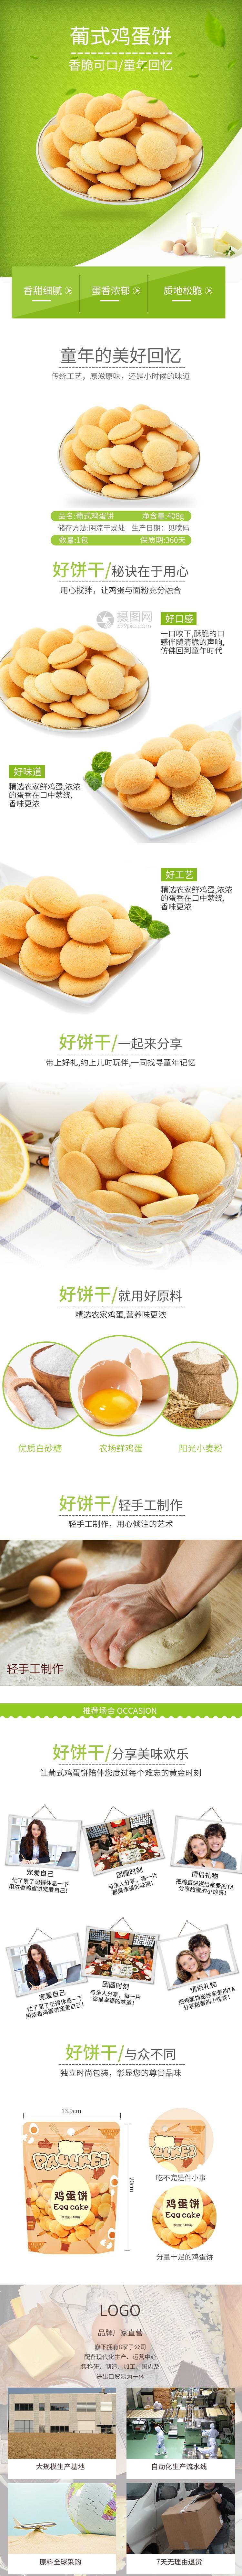 葡式鸡蛋饼面包点心饼干详情页